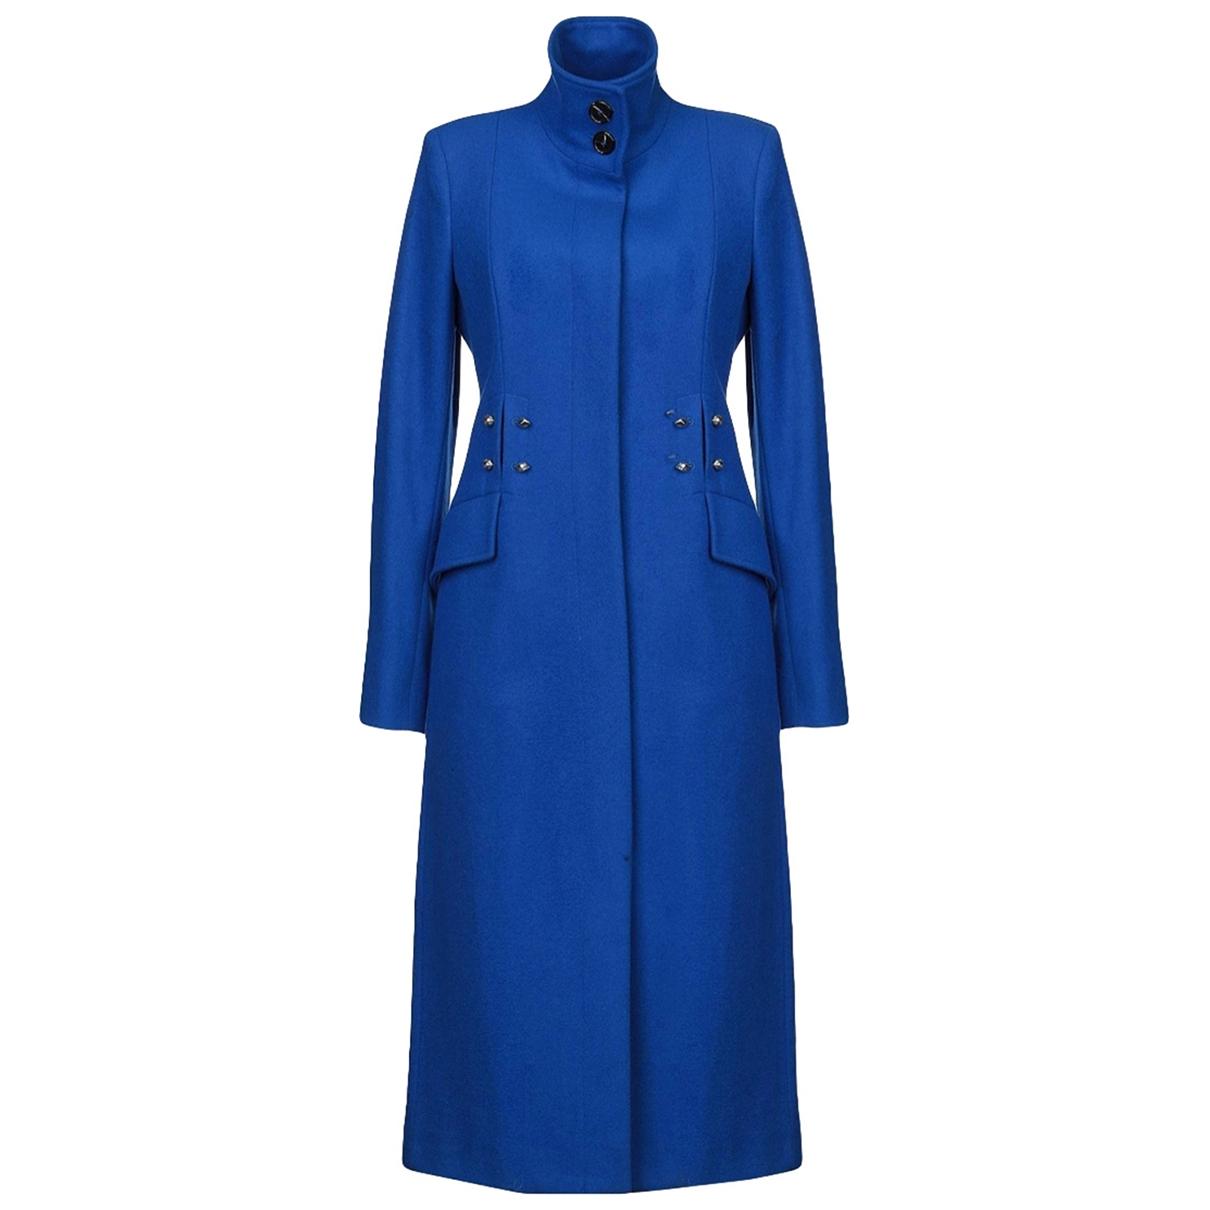 Just Cavalli - Manteau   pour femme en laine - bleu